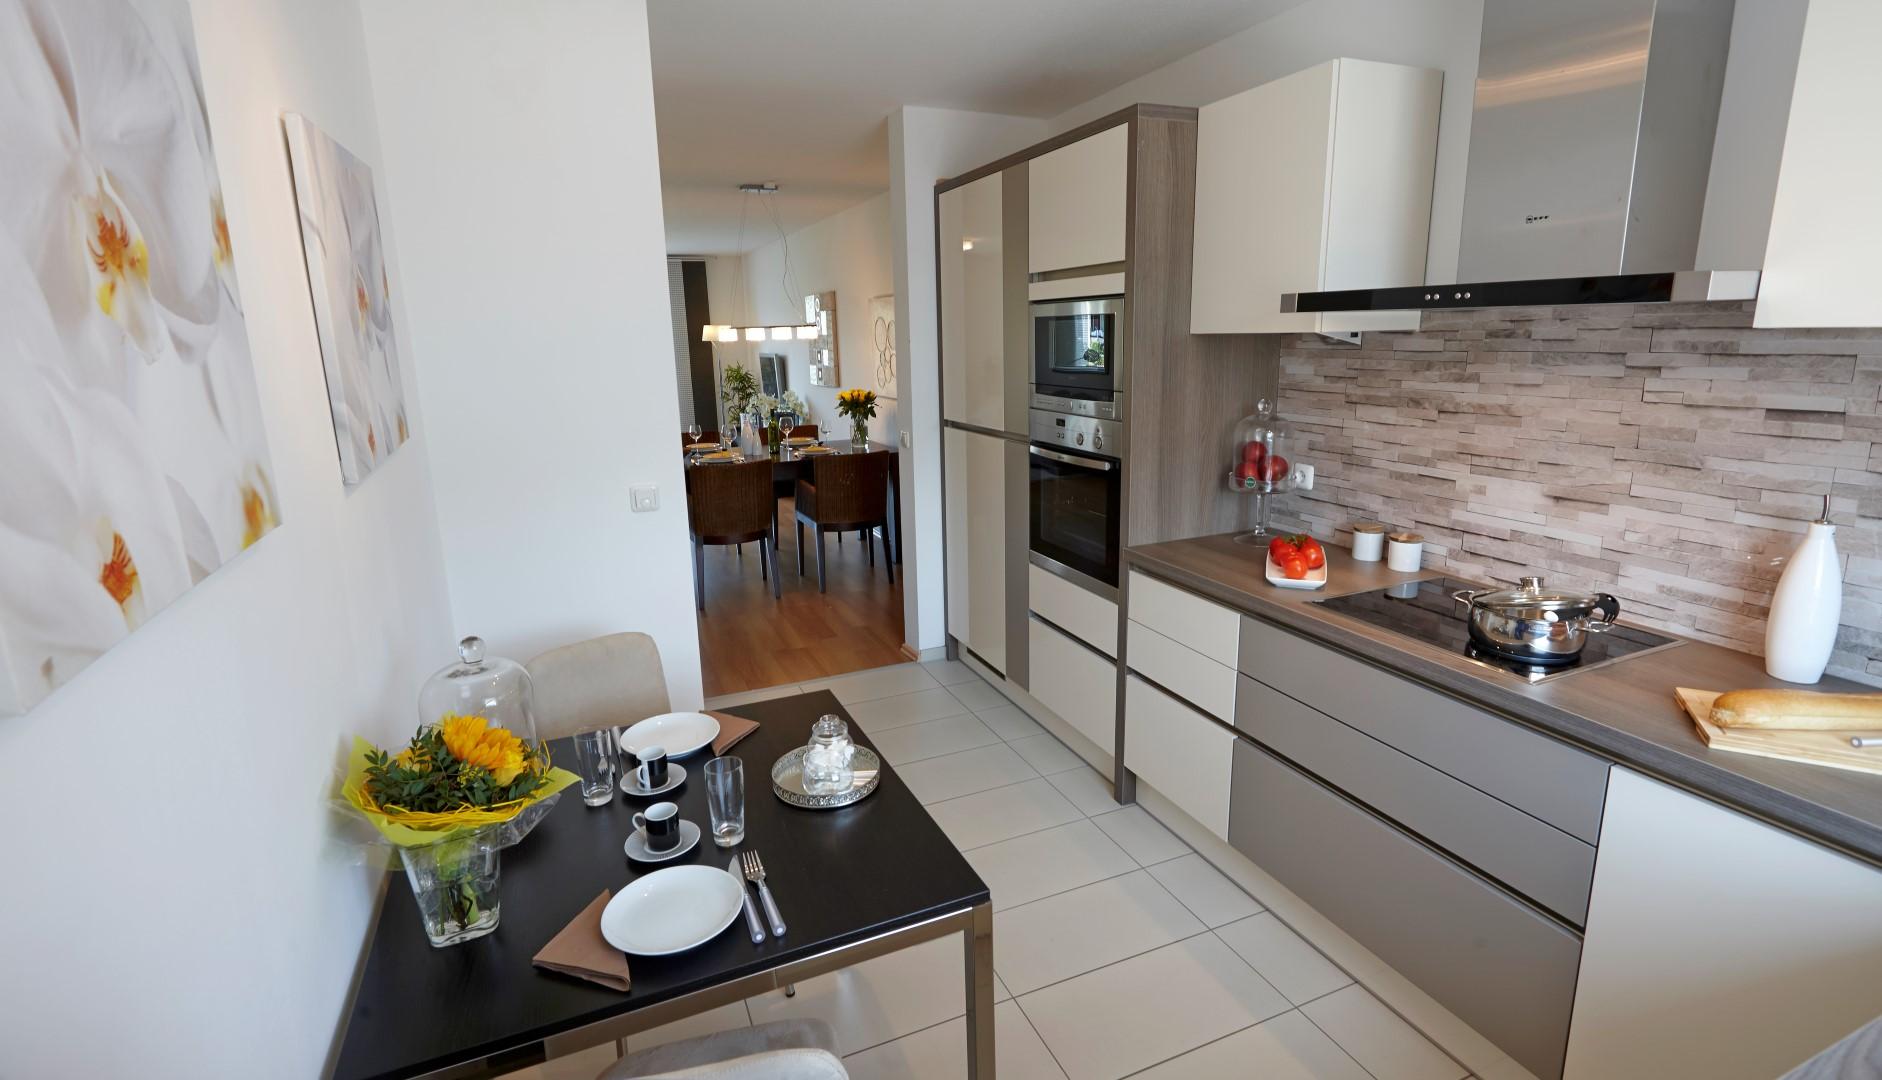 Essplatz Küche  Jtleigh.com - Hausgestaltung Ideen